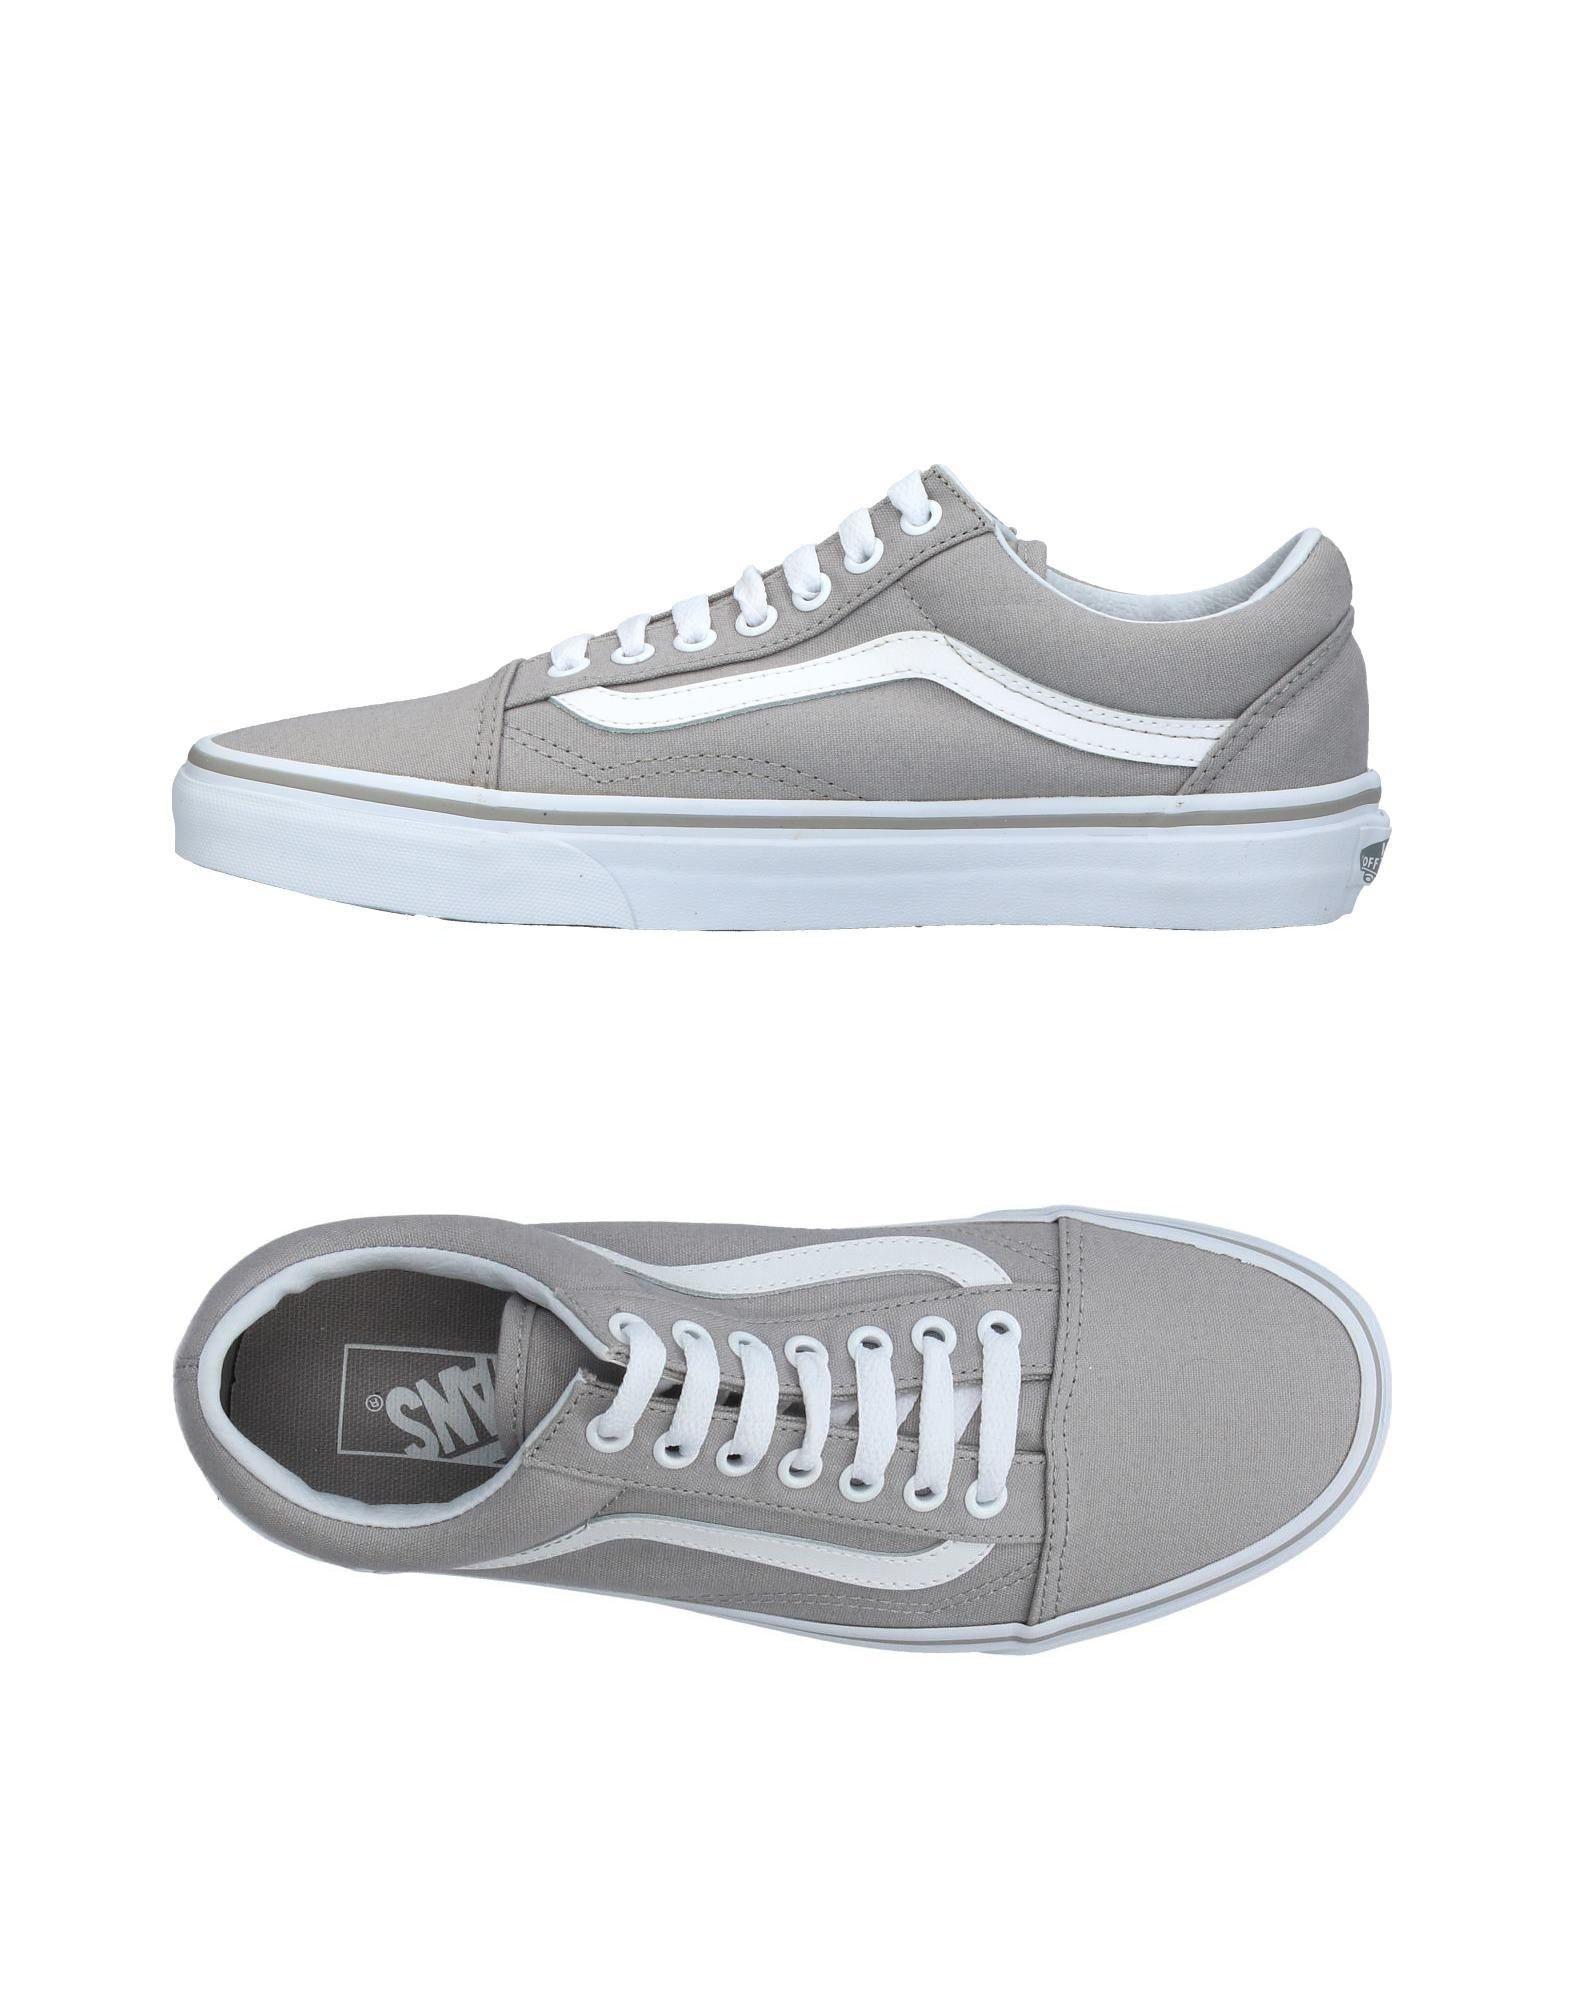 Moda Sneakers Vans Donna Donna Vans - 11393701TA af01d5